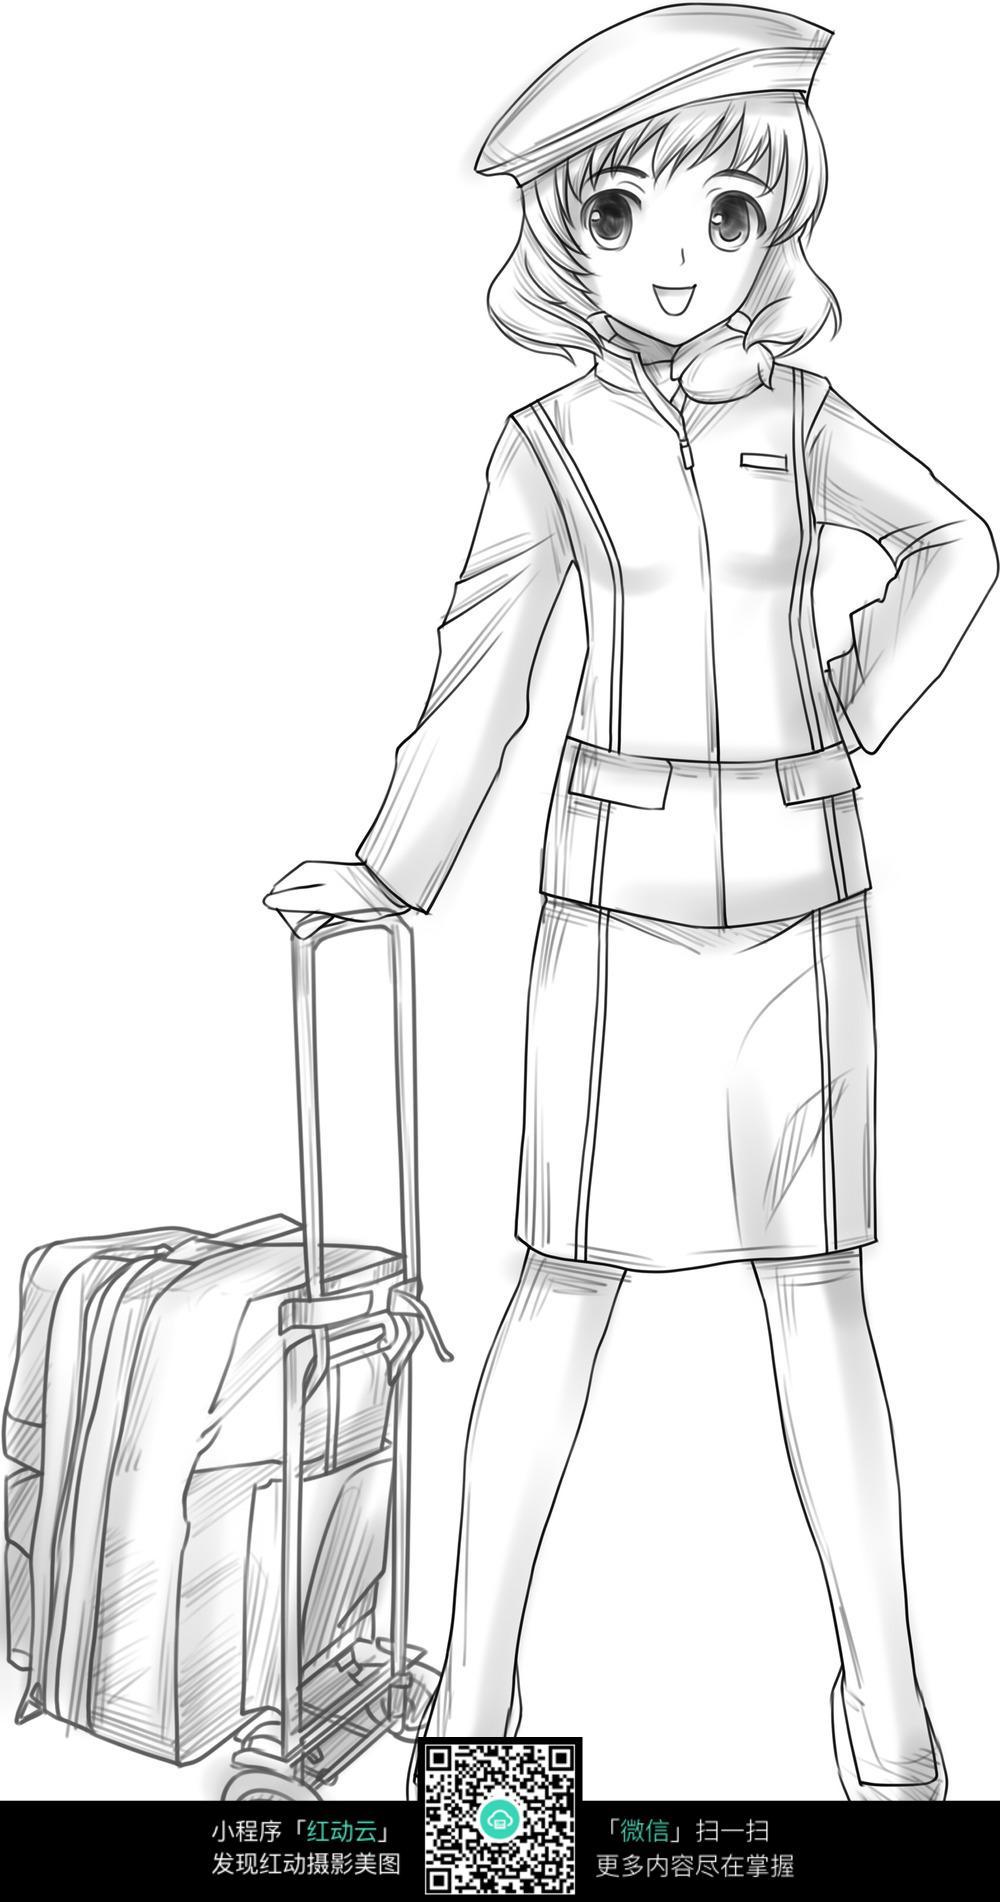 行李箱和女孩卡通手绘线稿